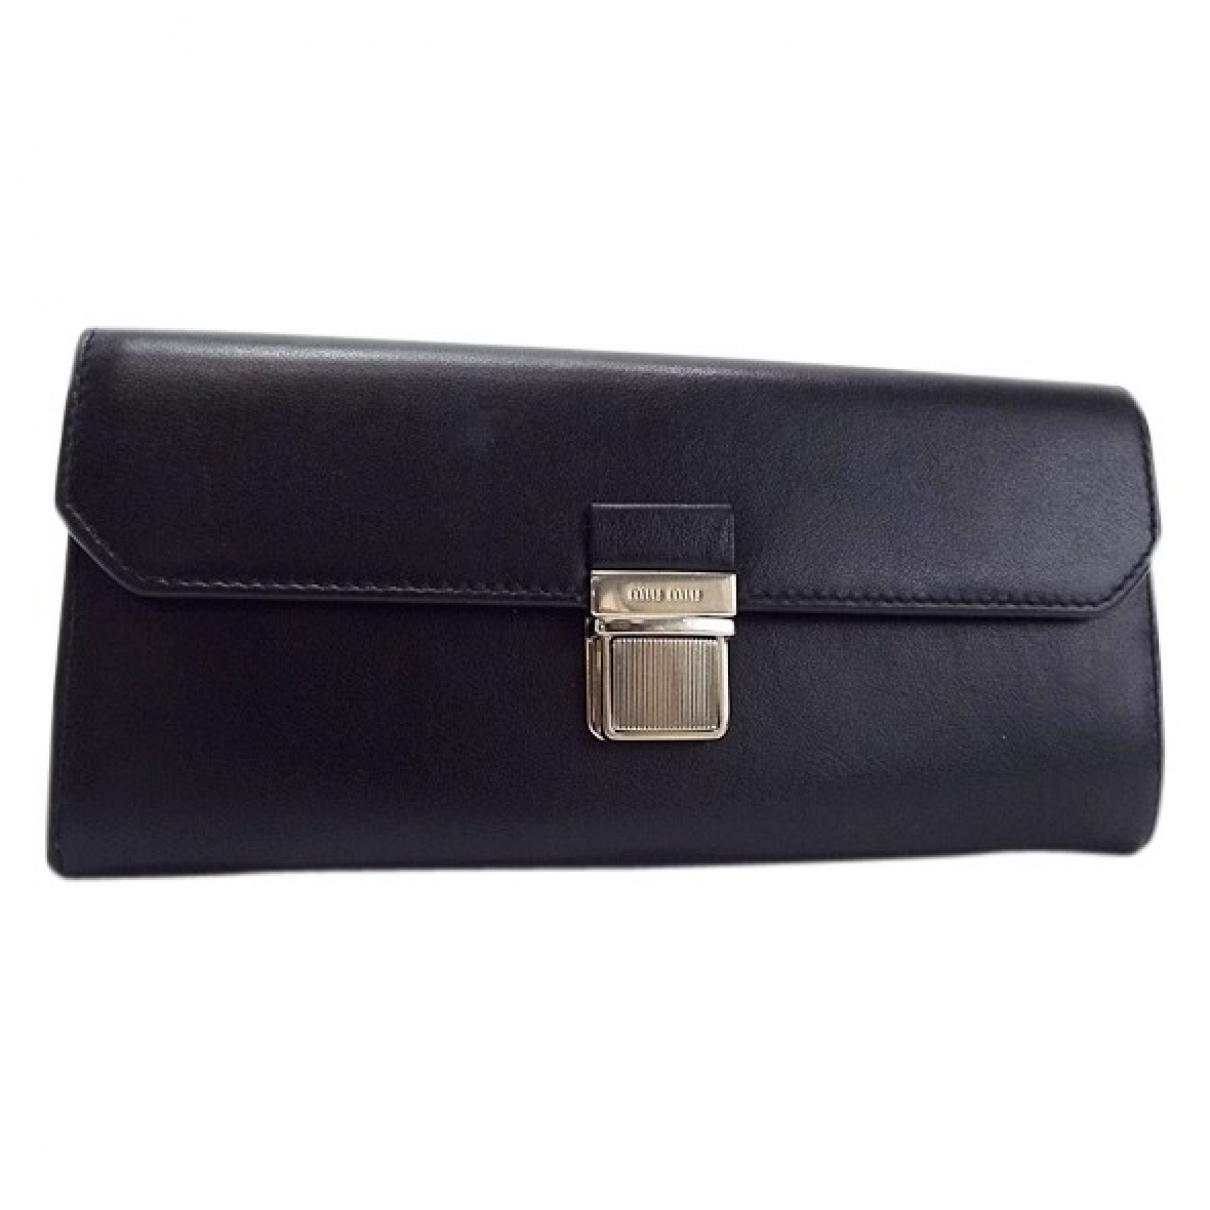 Miu Miu \N Black Leather wallet for Women \N